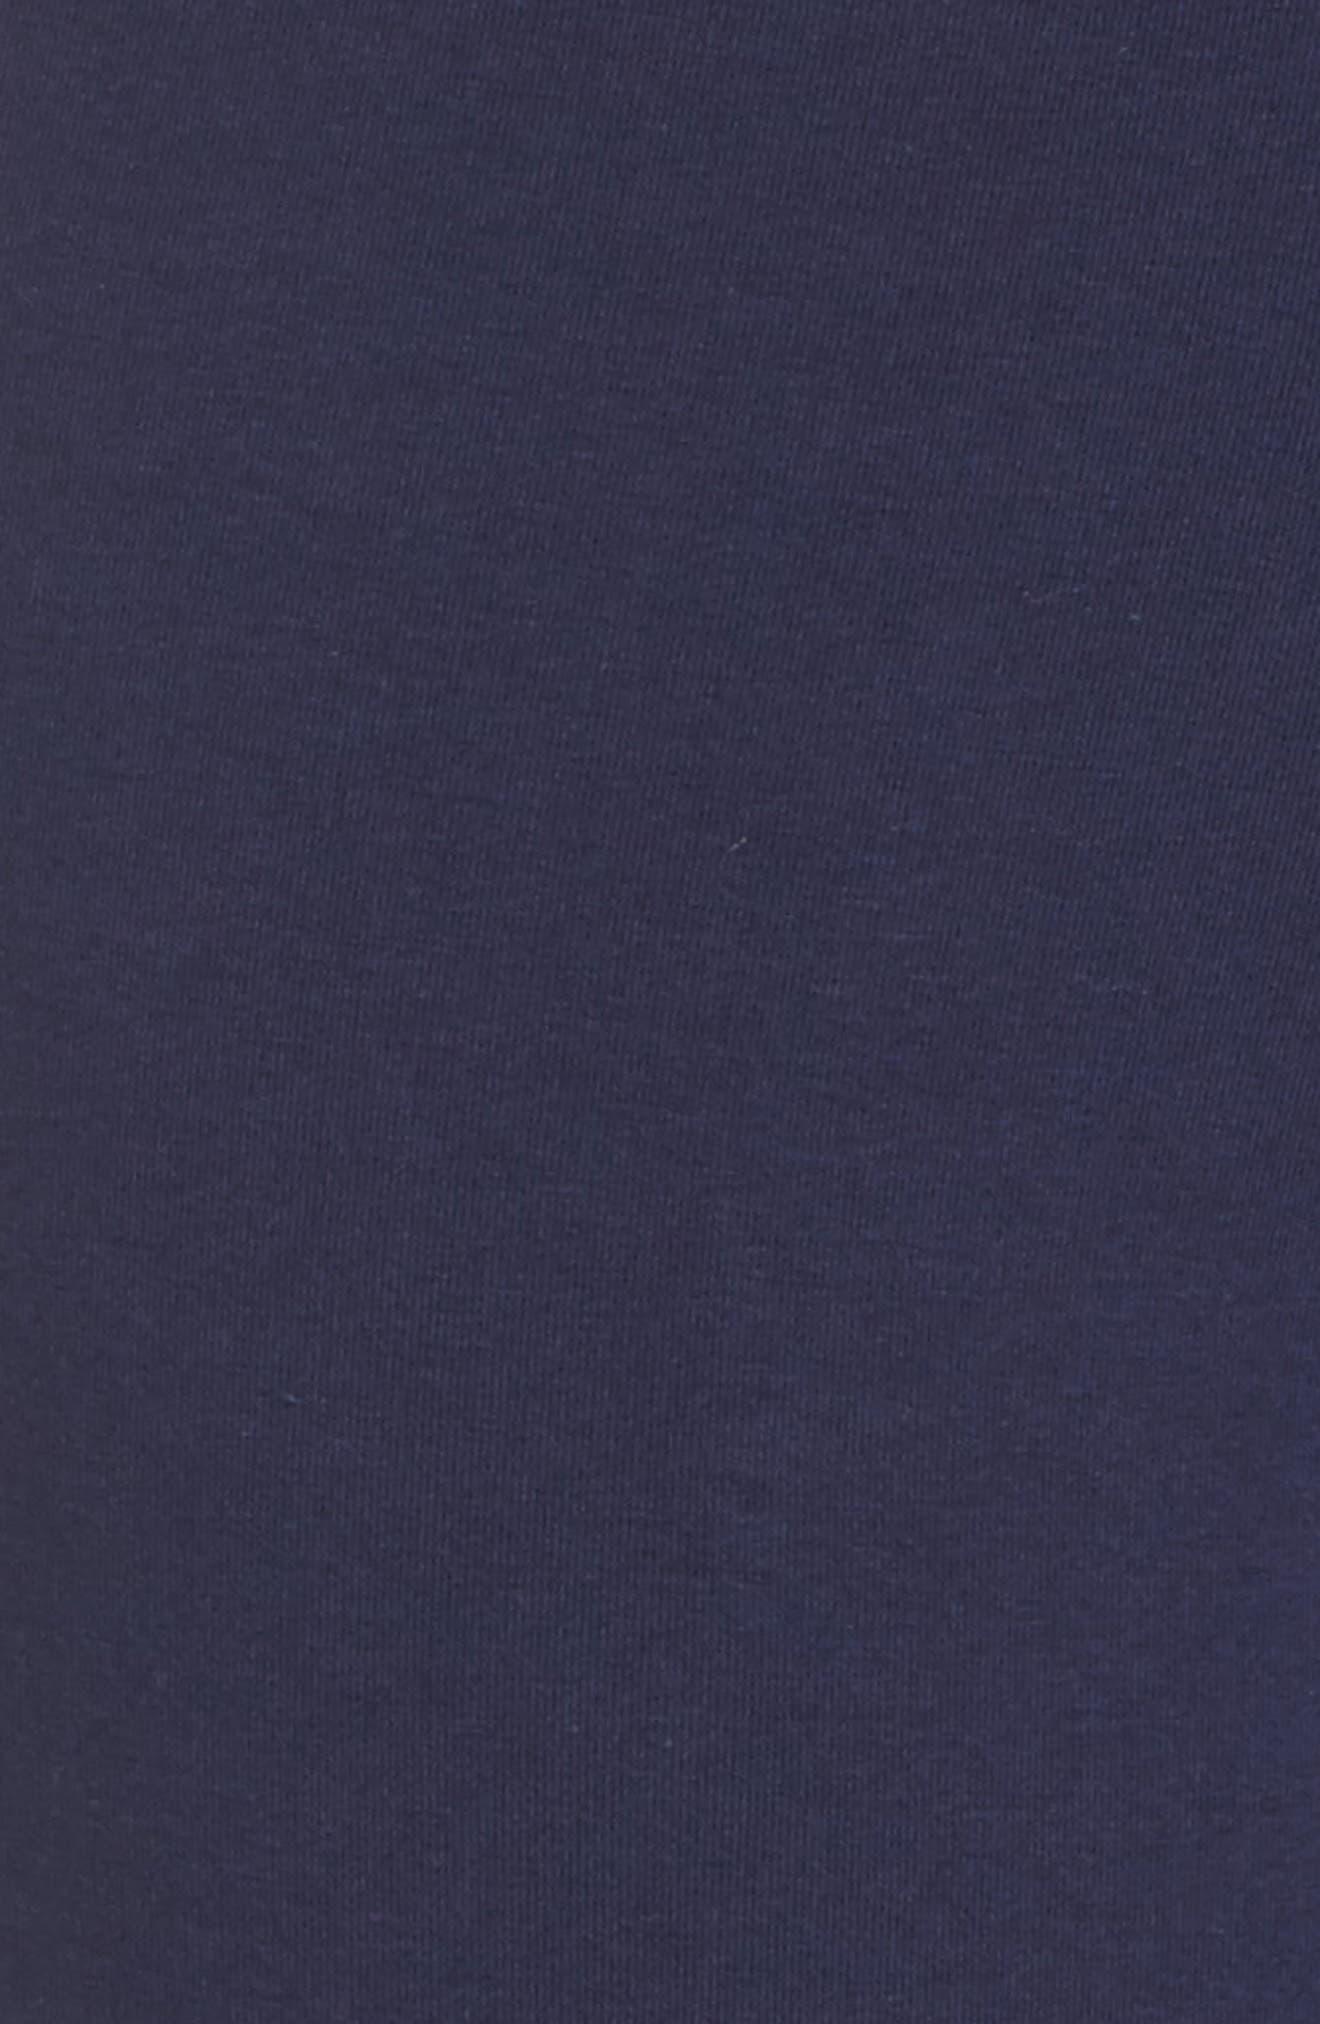 Phoebe Leggings,                             Alternate thumbnail 5, color,                             Navy/ Mustard Gold/ White